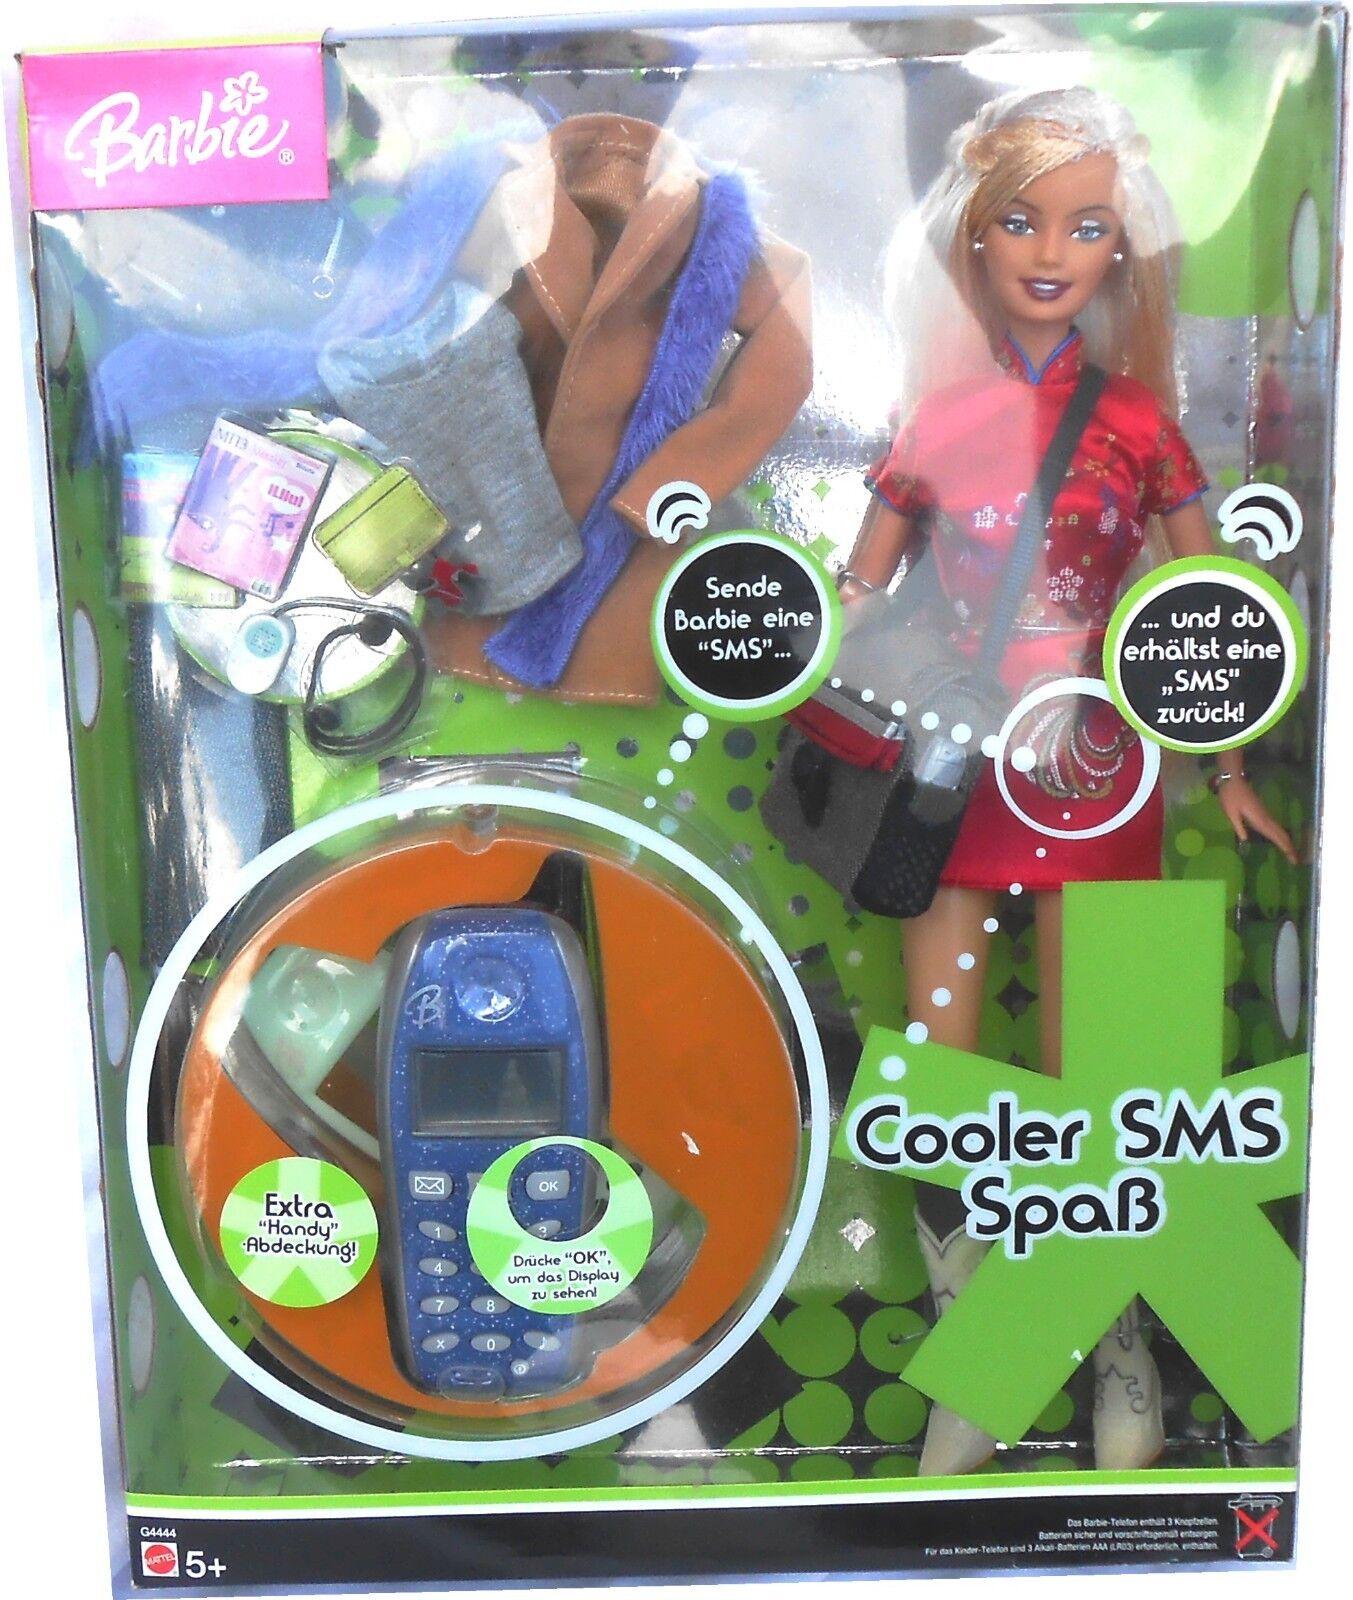 MATTEL G4444 Barbie - Cooler SMS Spaß, 1:6, OVP (mb)